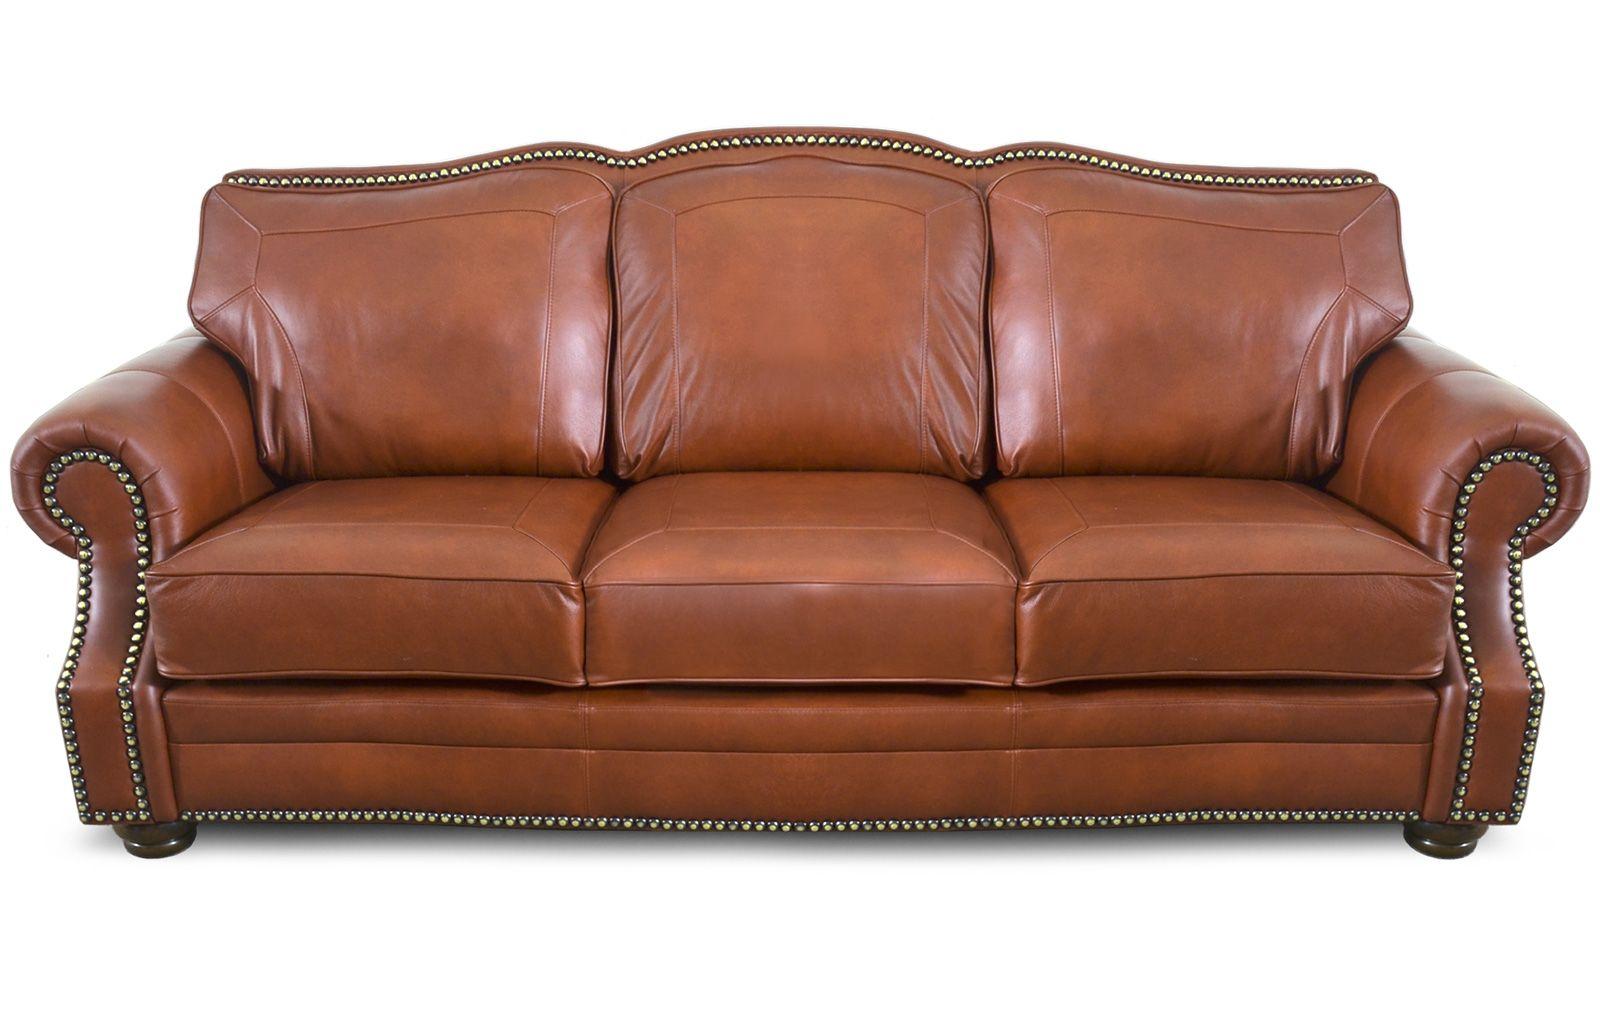 Walton Sofa The Leather Sofa Company Sofa Company Sofa Leather Sofa